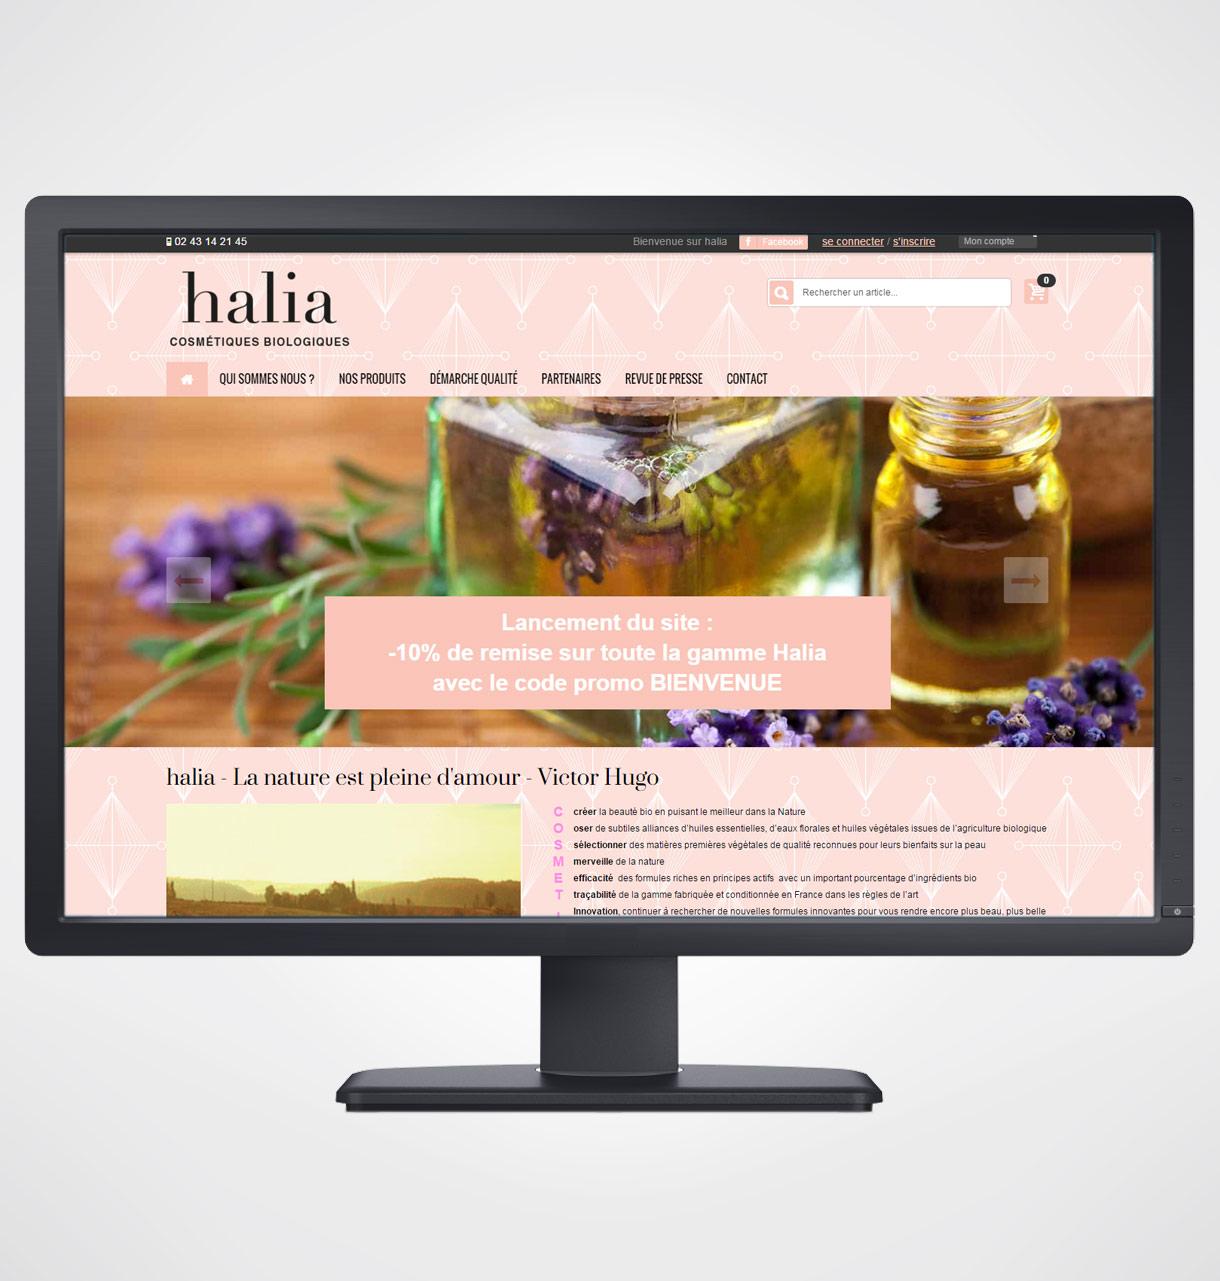 cosmetique bio halia